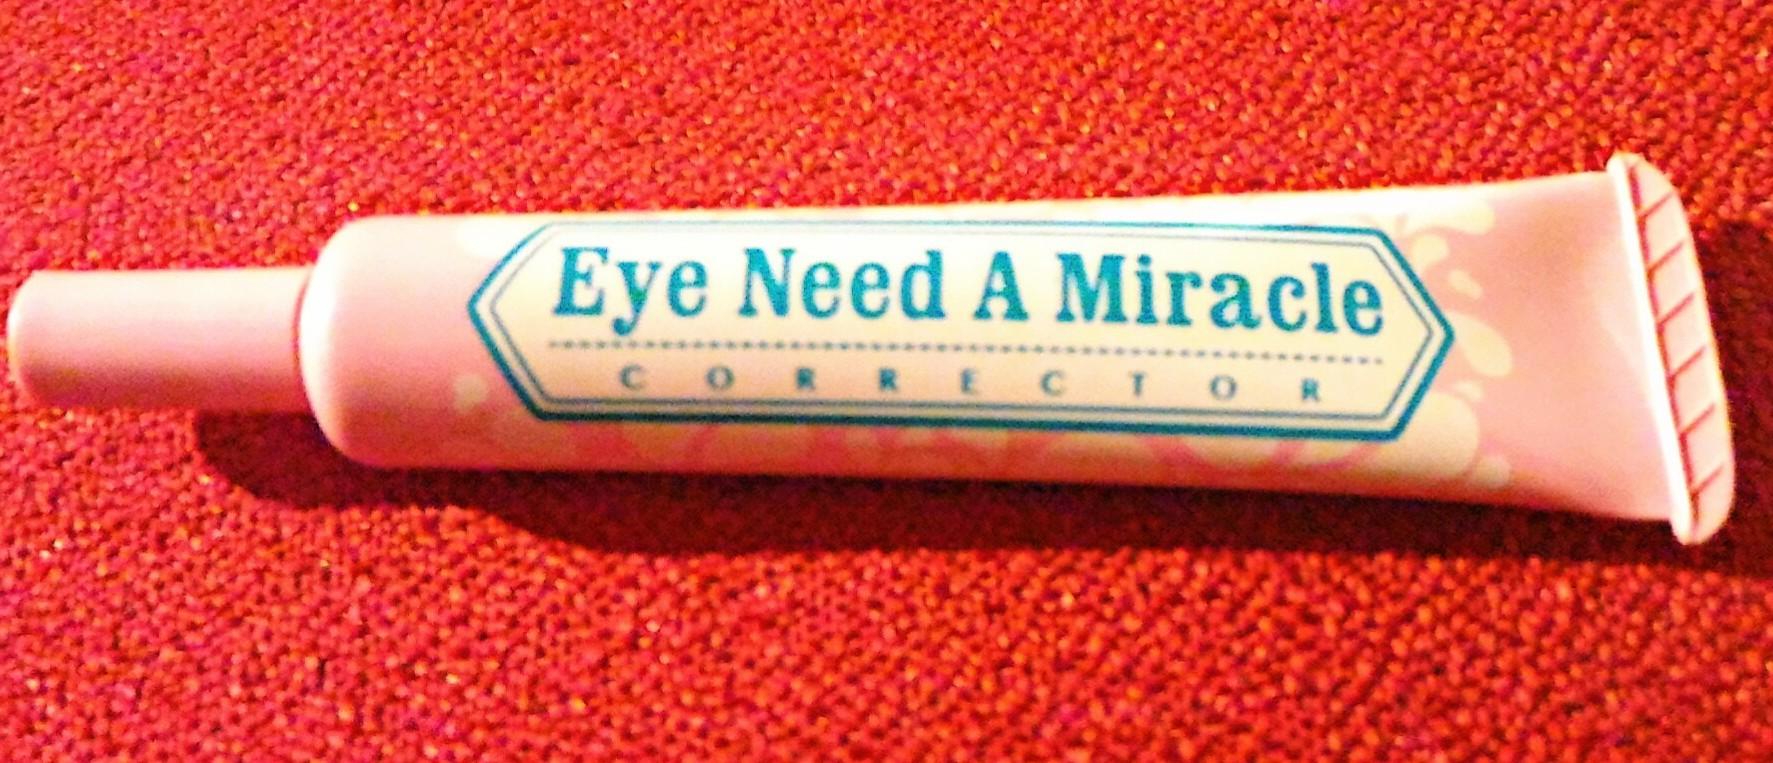 happy-skin-eye-need-miracle-corrector